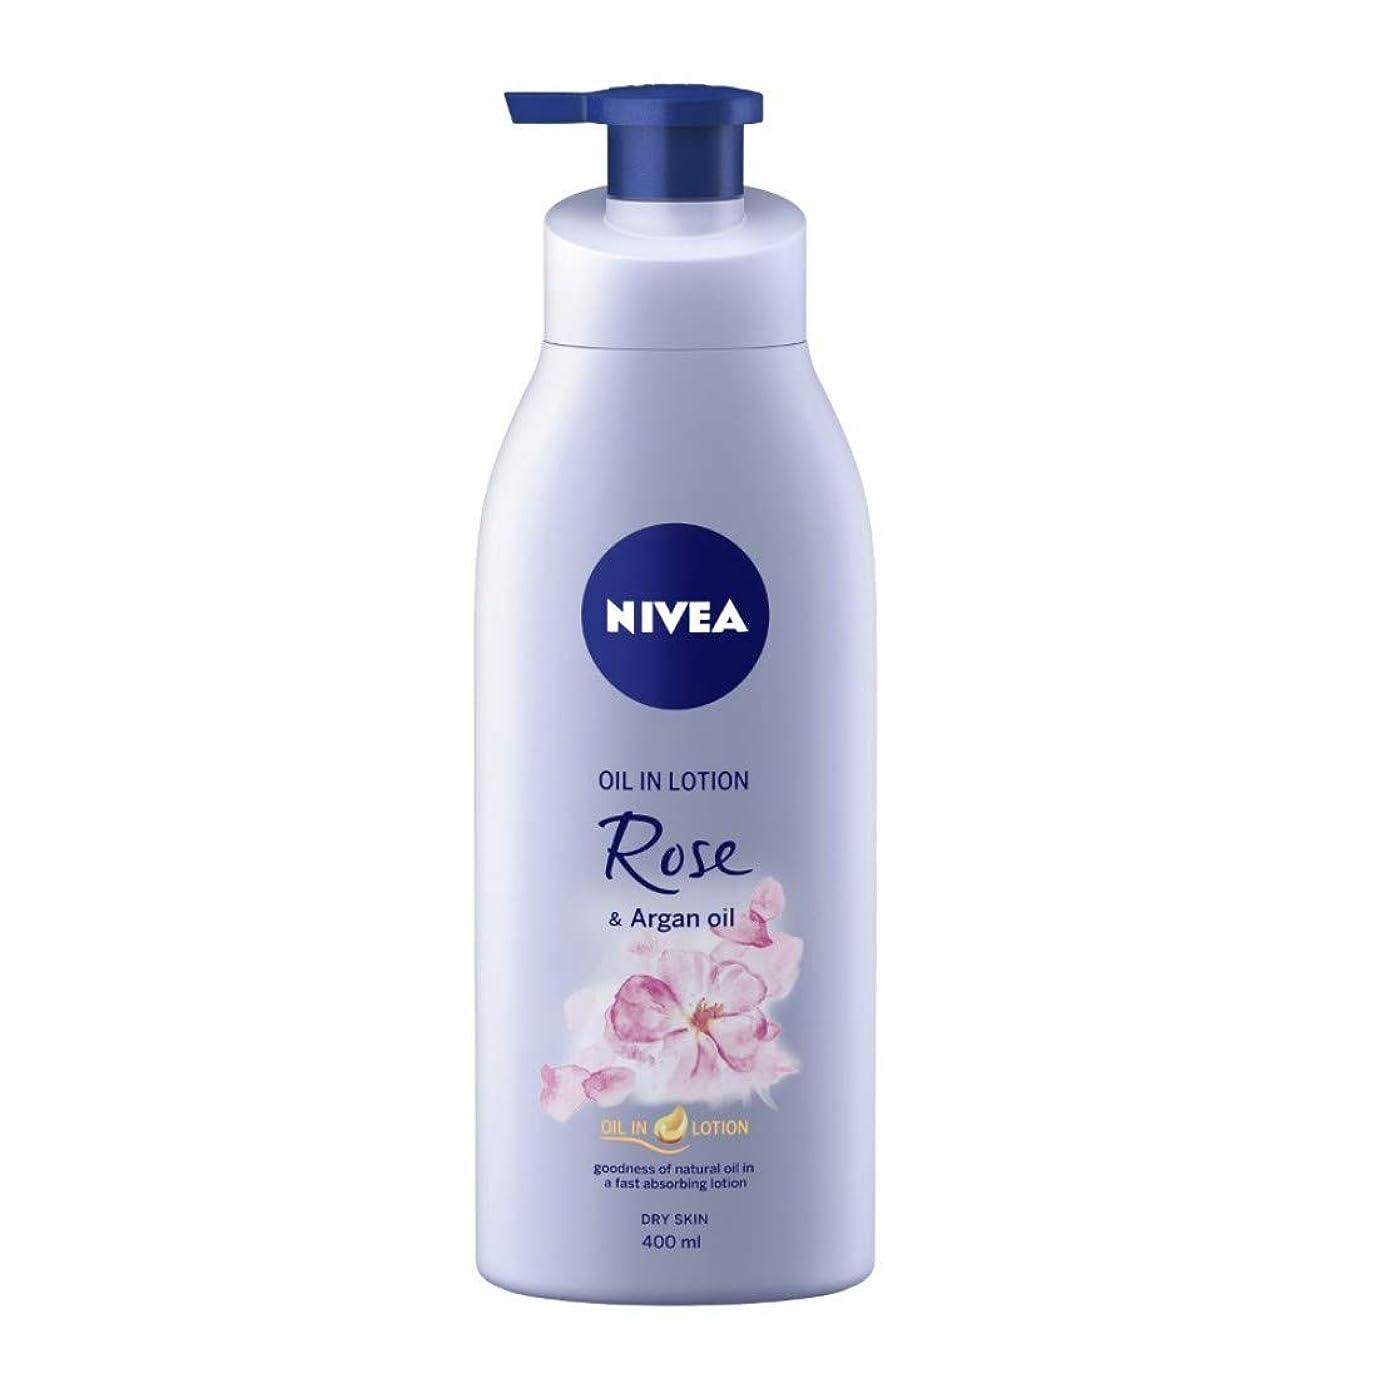 委員会行き当たりばったりにやにやNIVEA Oil in Lotion, Rose and Argan Oil, 400ml